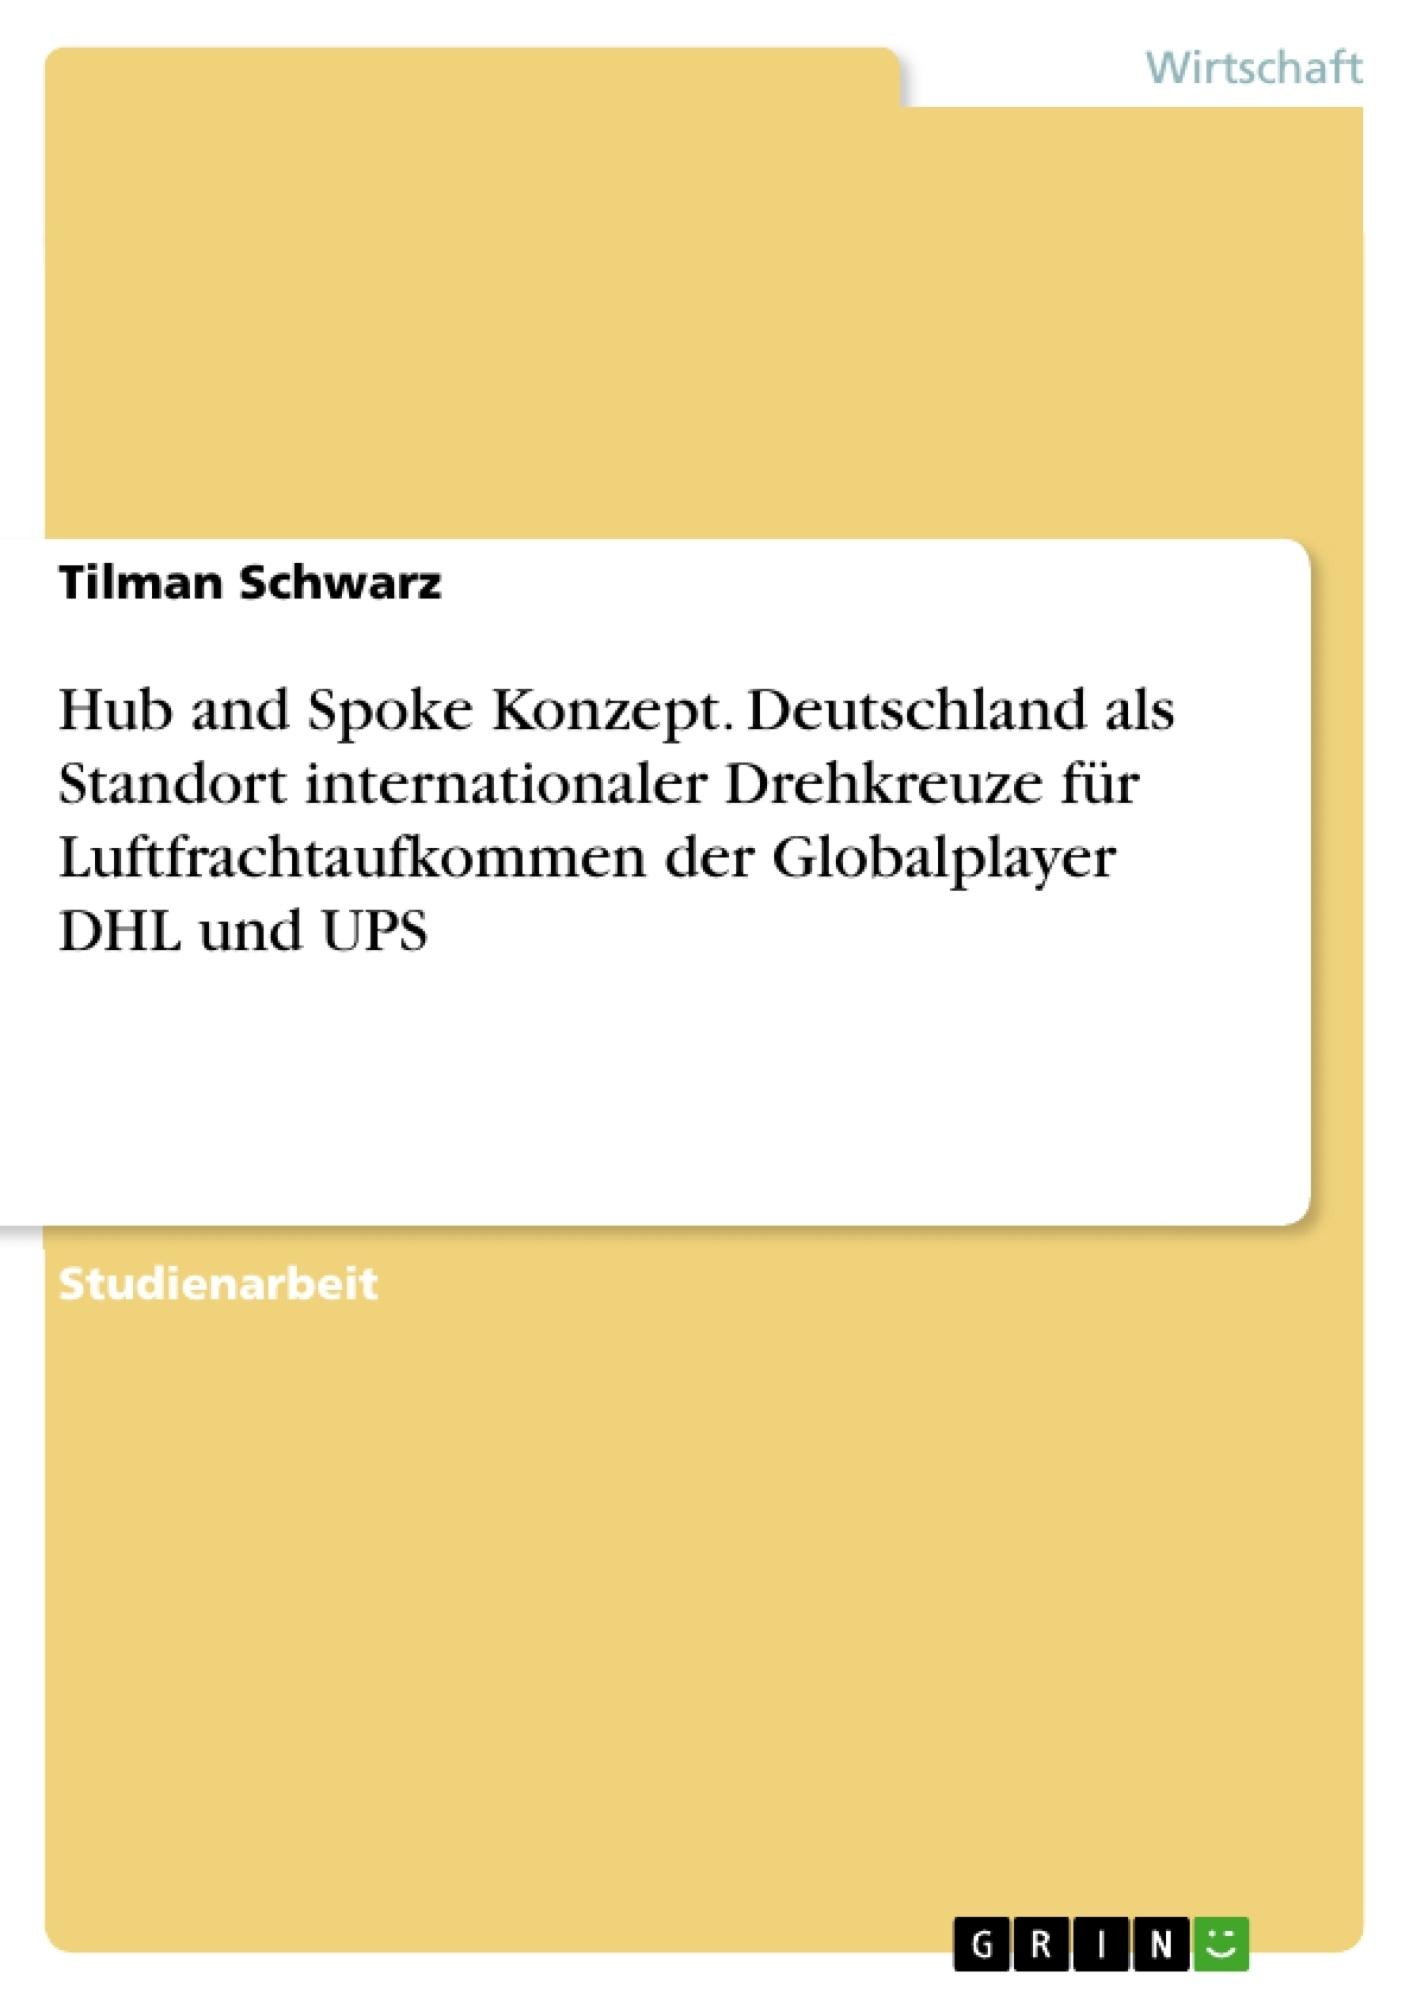 Titel: Hub and Spoke Konzept. Deutschland als Standort internationaler Drehkreuze für Luftfrachtaufkommen der Globalplayer DHL und UPS